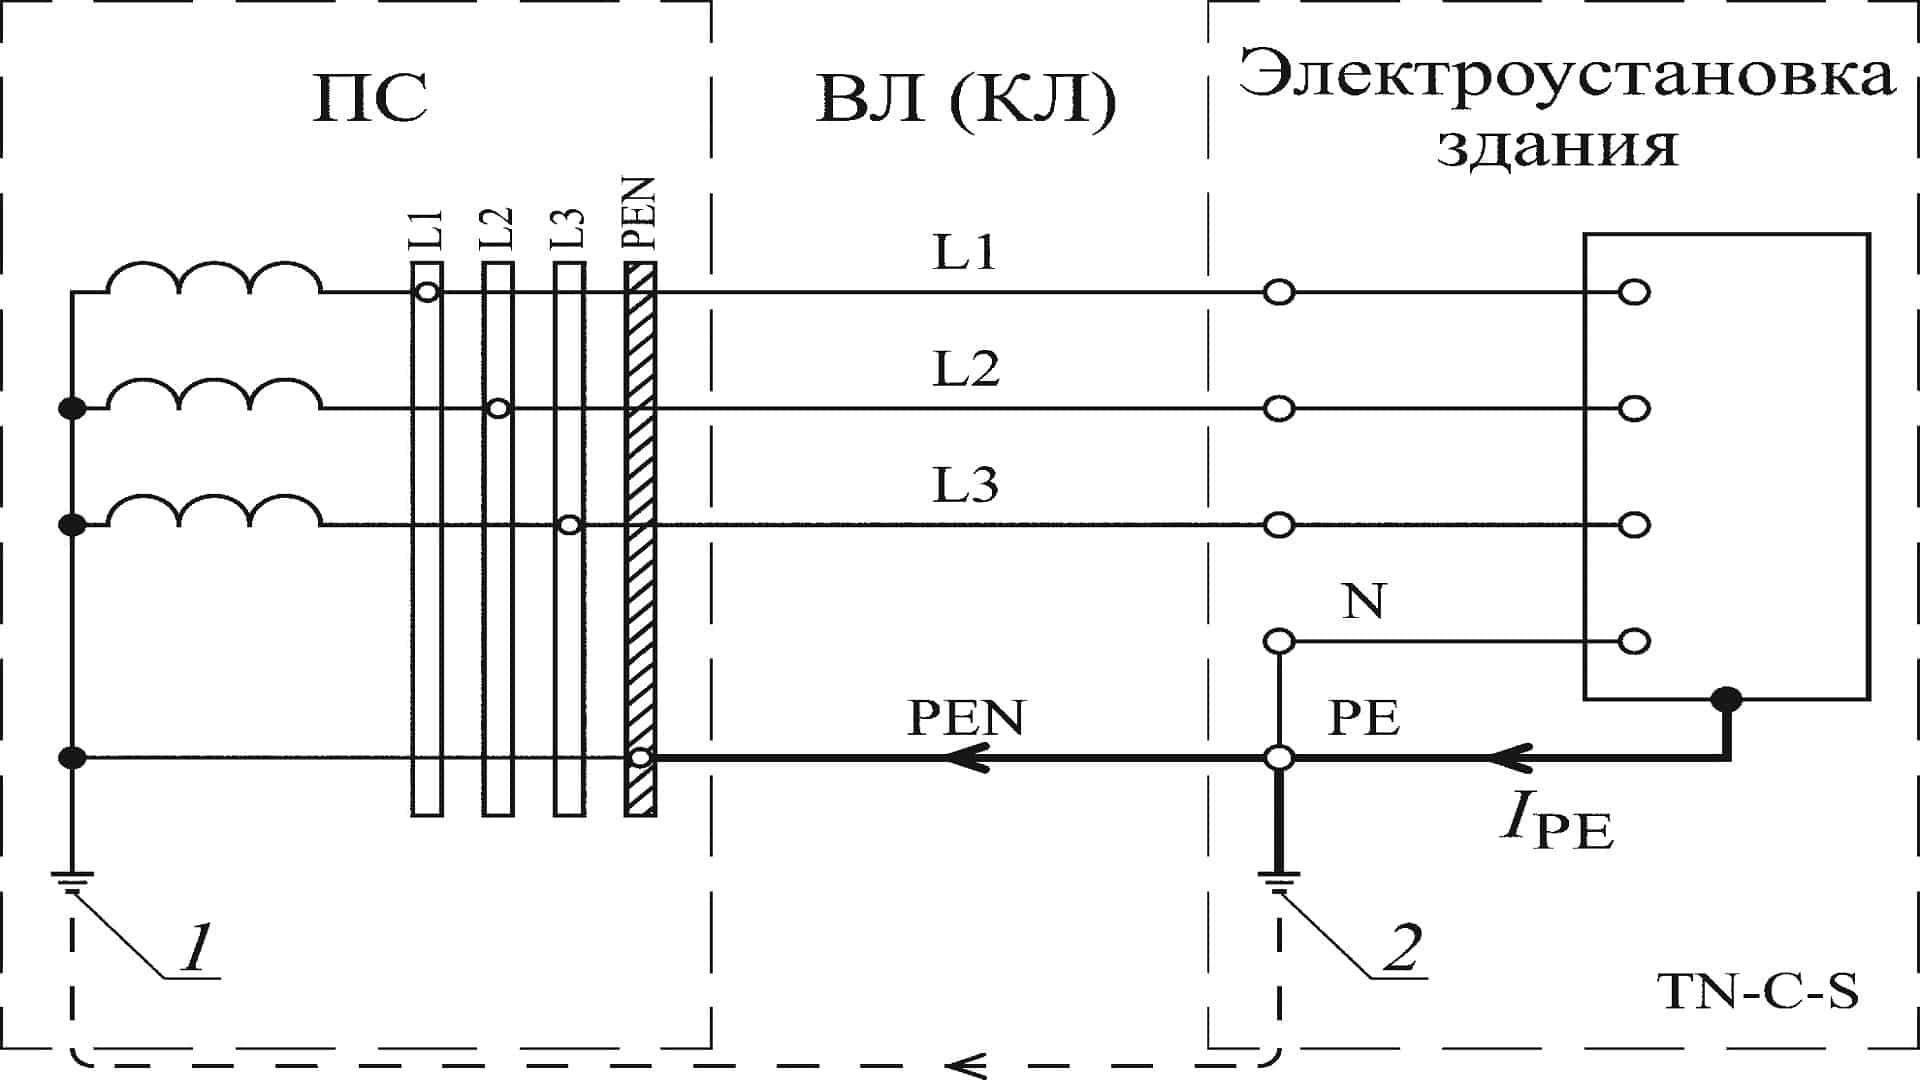 Путь протекания тока защитного проводника в системе TN-C-S